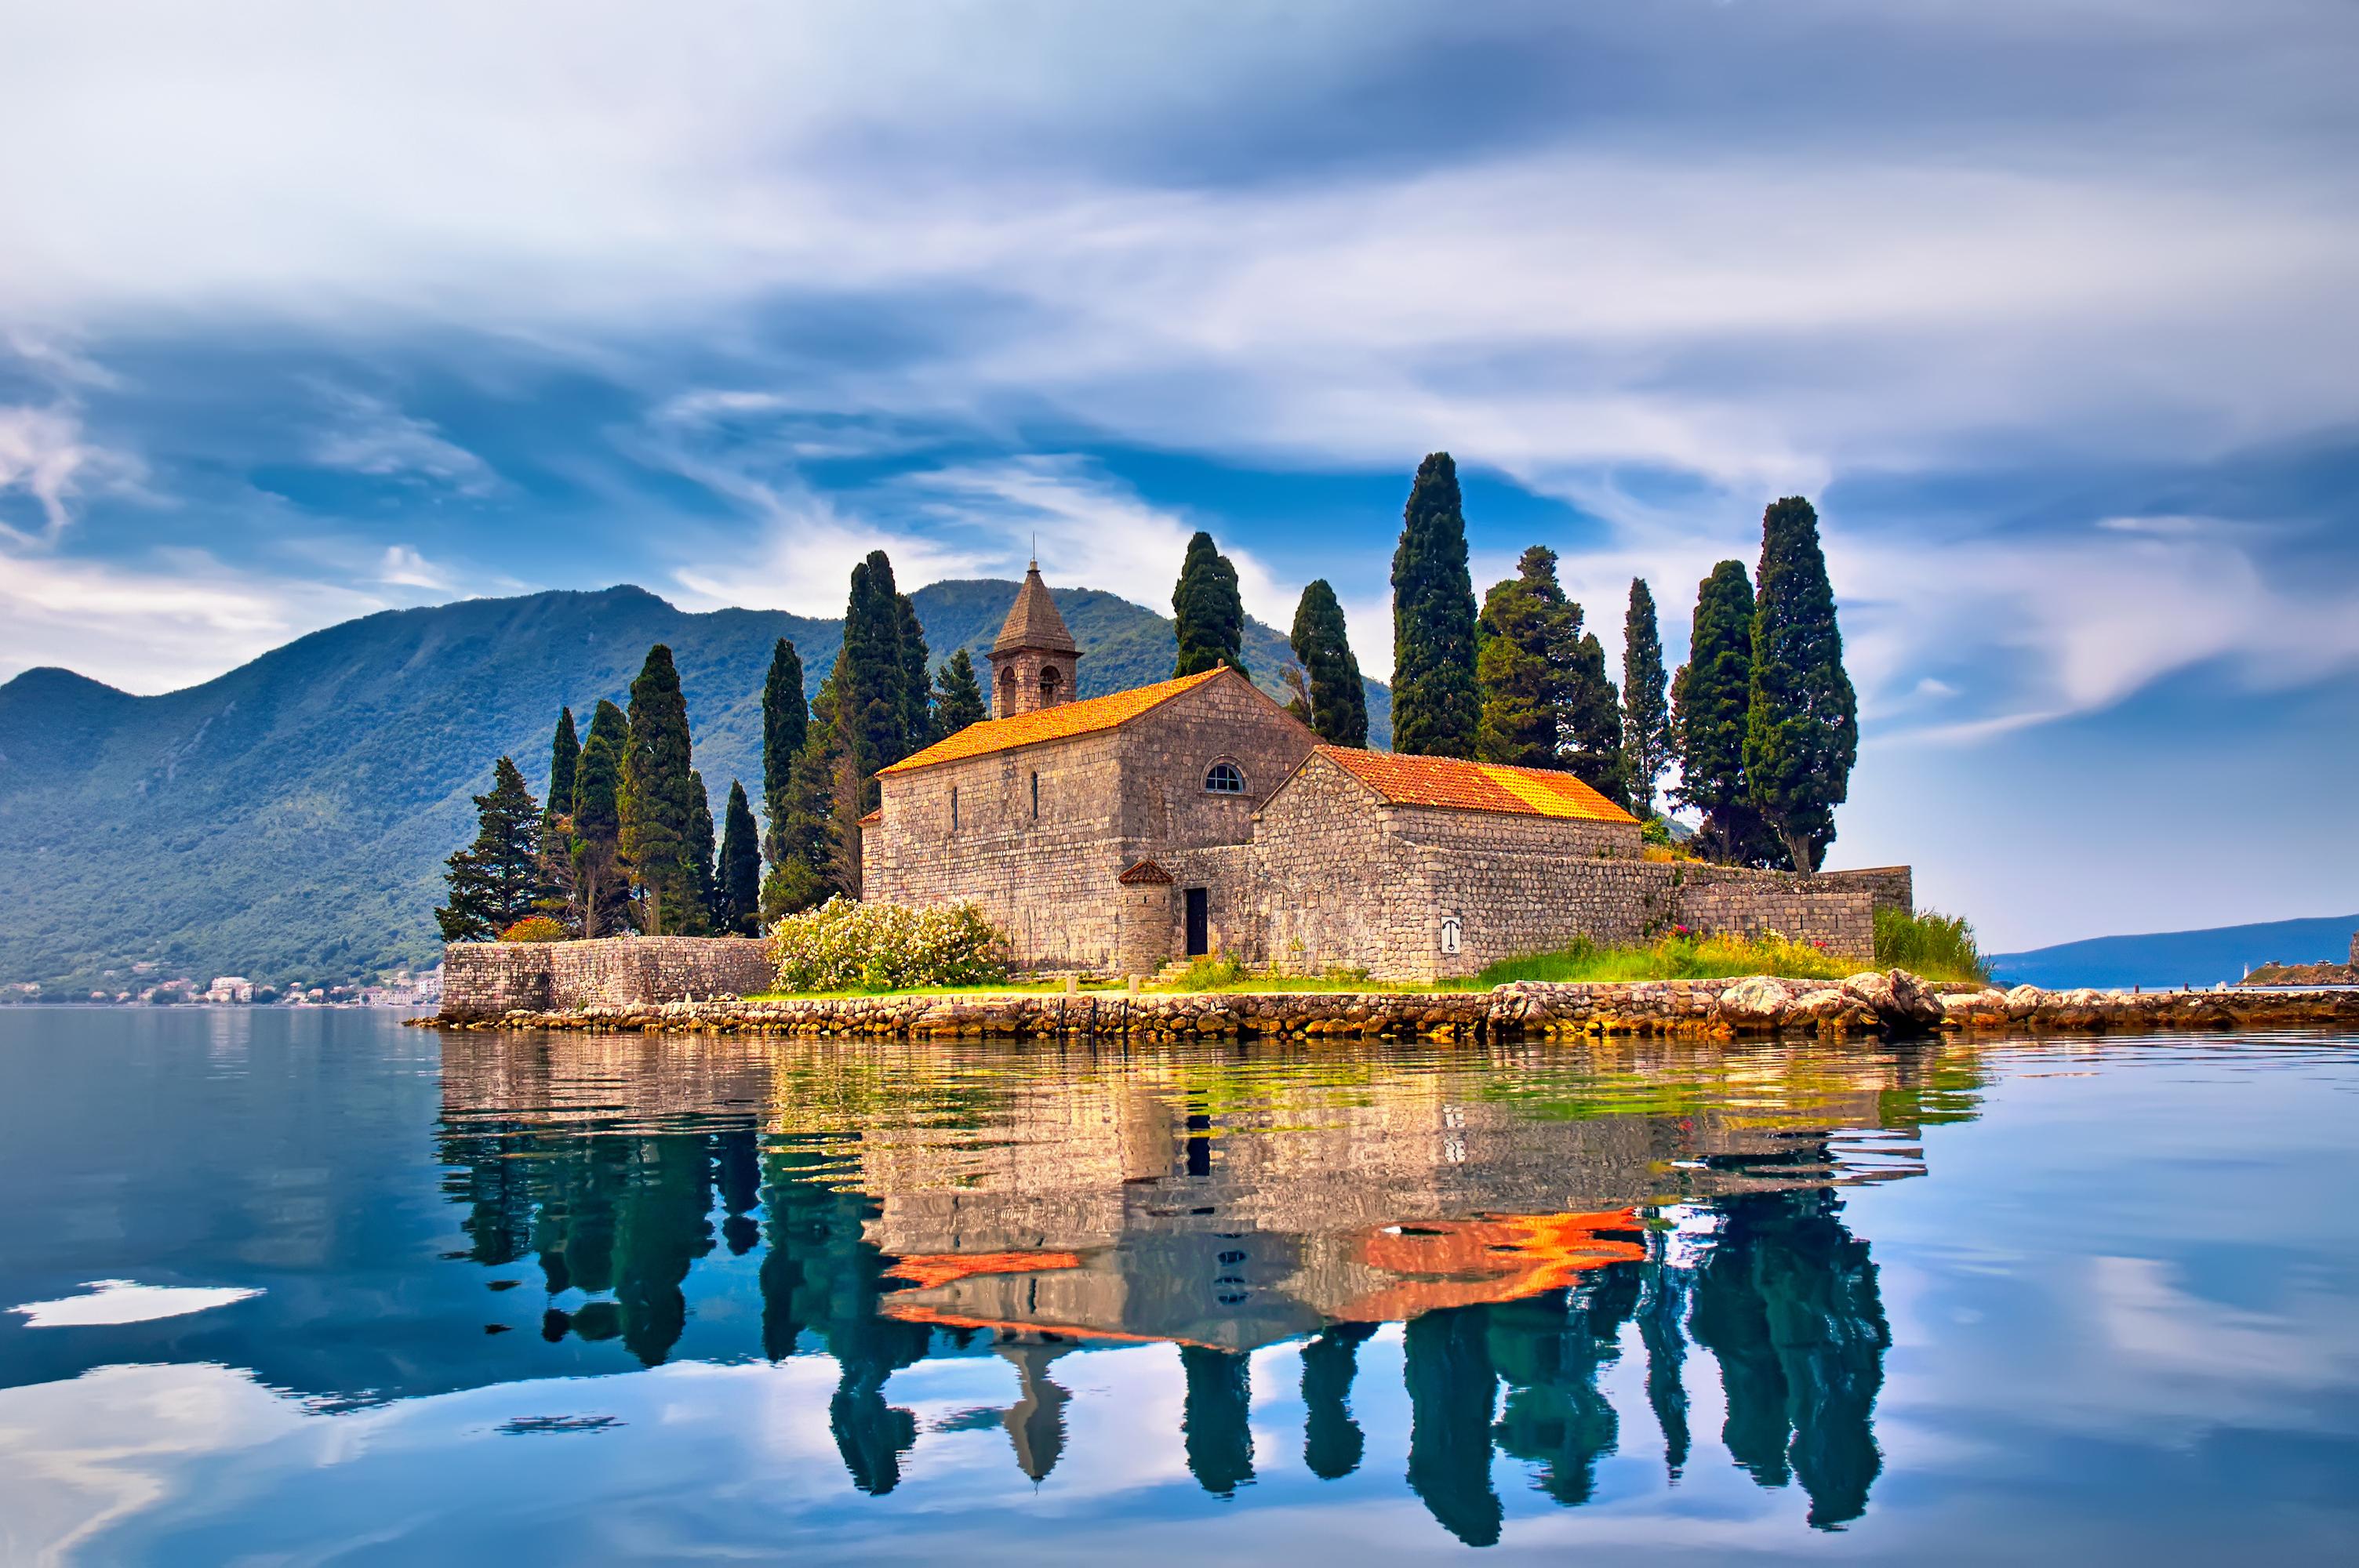 Остров Святого Георгия в Черногории, ПМЖ которой могут получить россияне, украинцы и белорусы